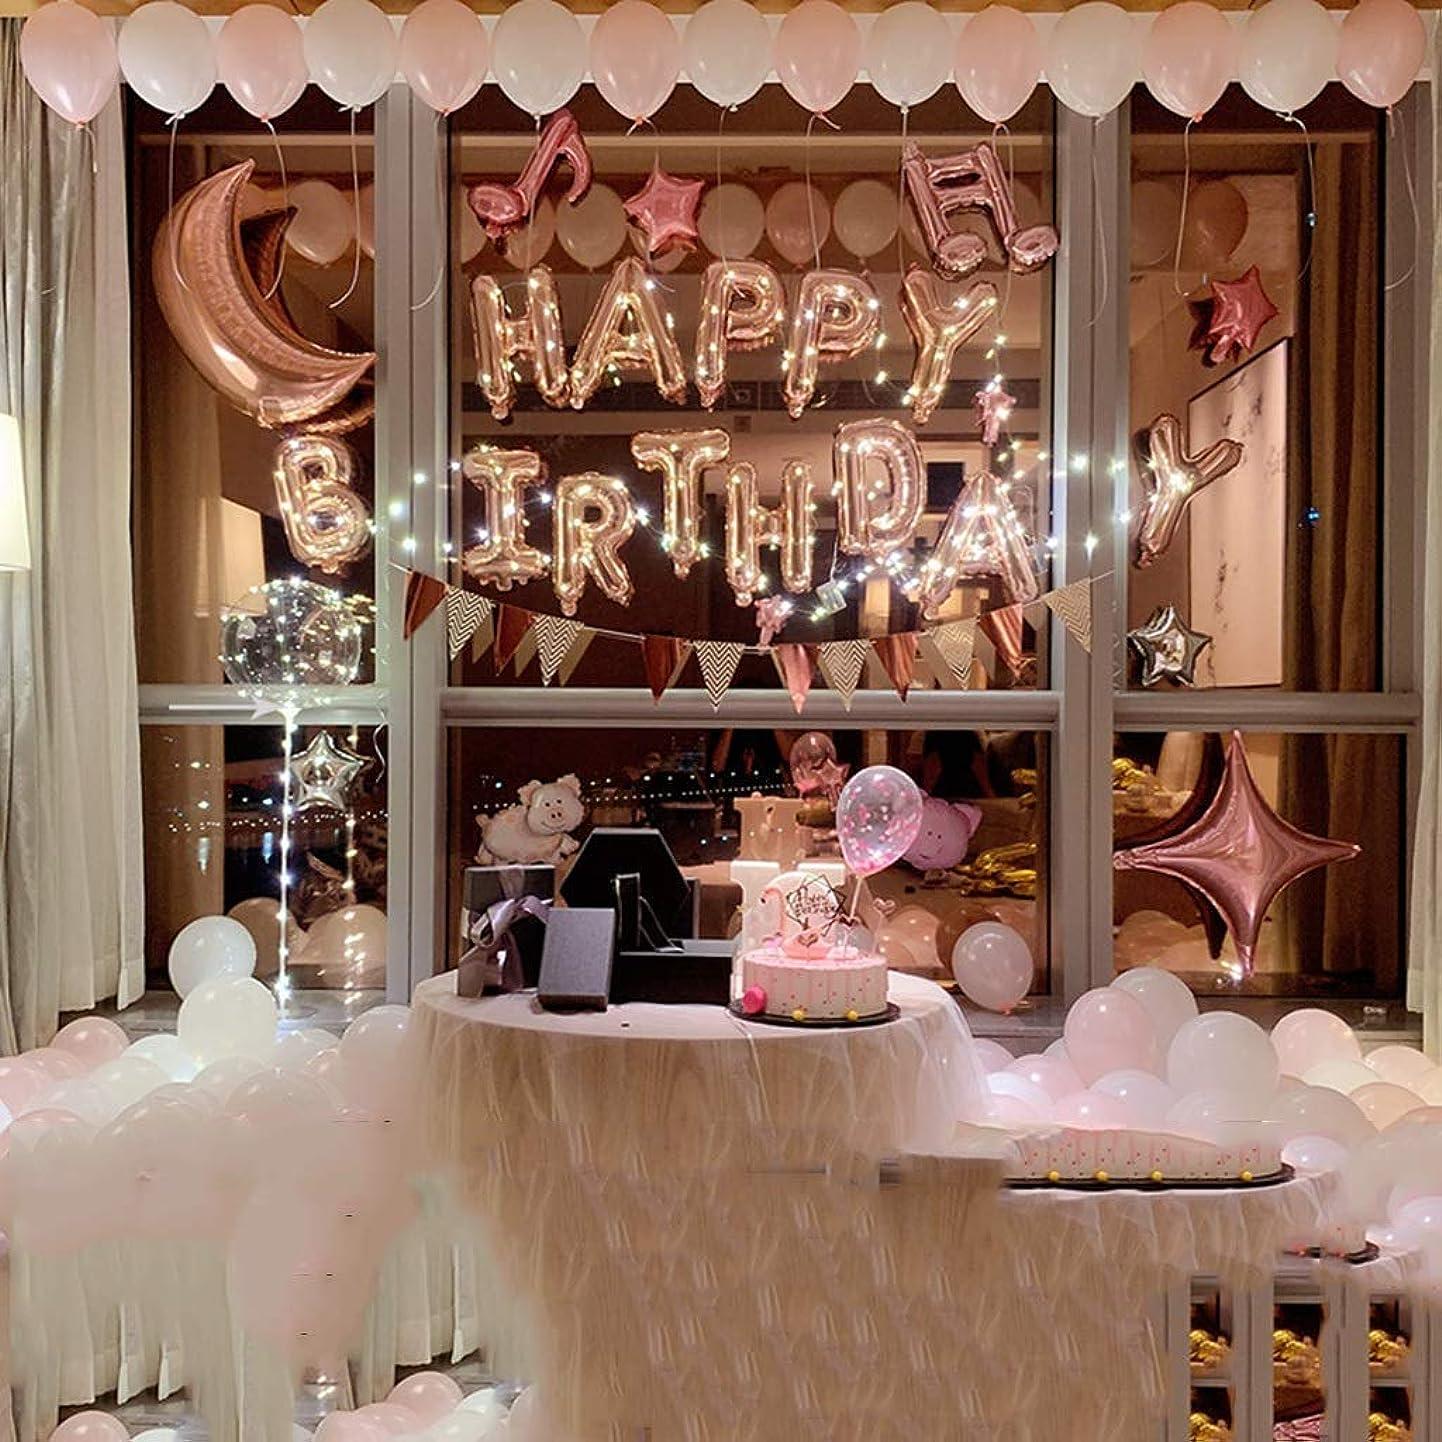 交通ベルベット少年LAOHAO 誕生日パーティーアレンジメントレターアルミフィルムバルーン求愛ロマンチックなバルーンデコレーション ワンタイムデコレーション